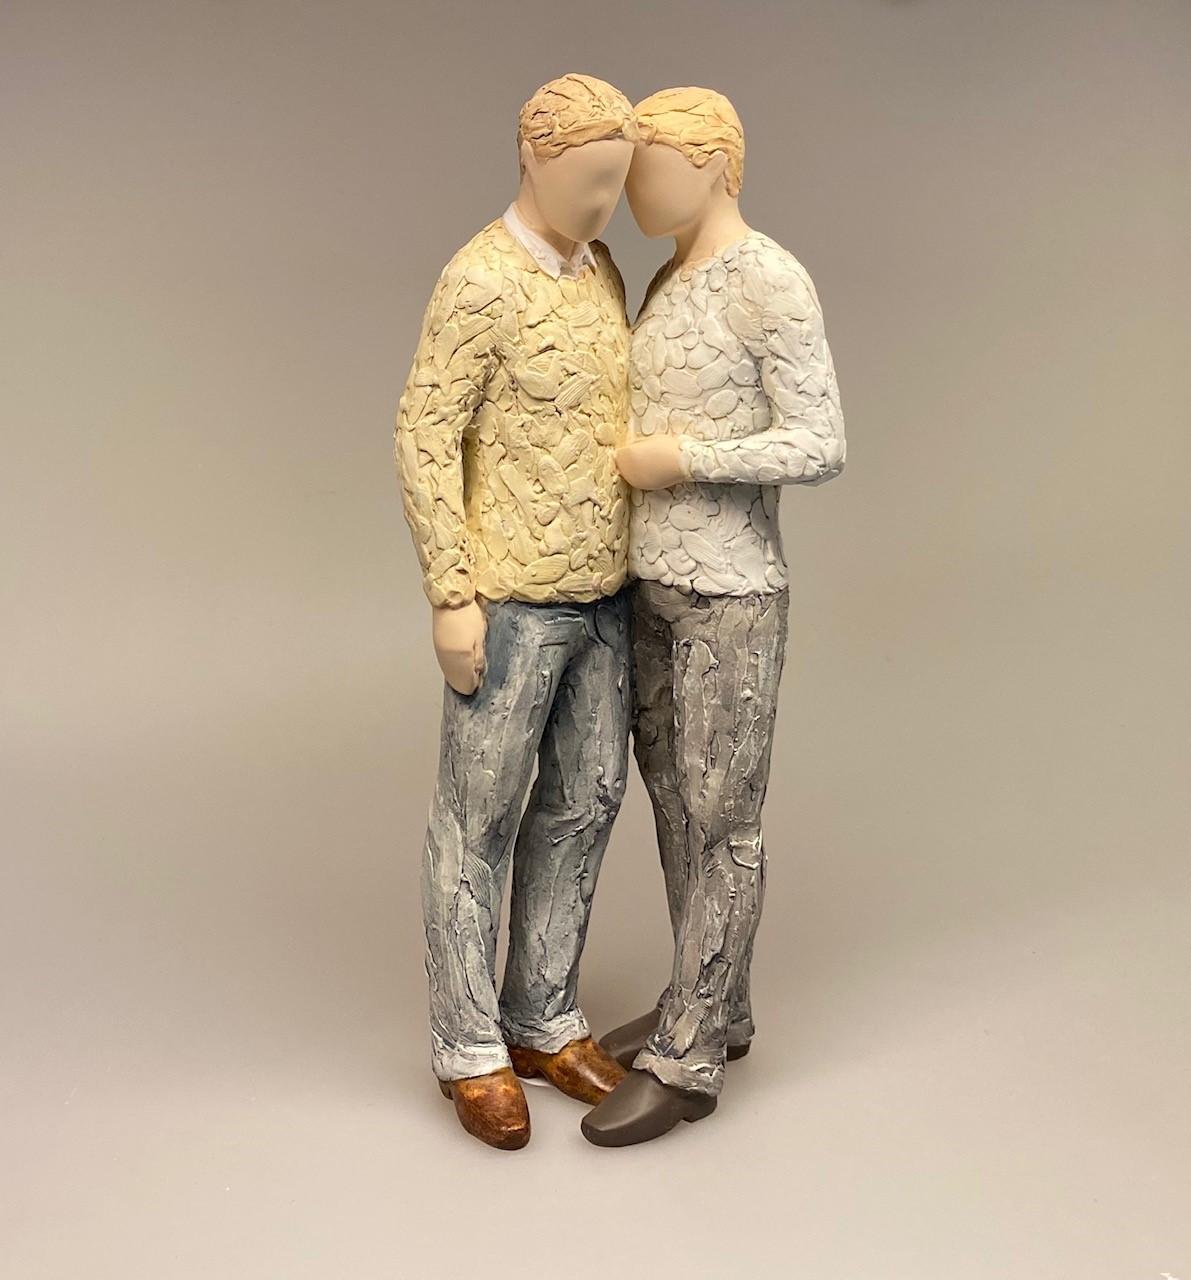 More than words figur - Devoted, kærester, homo, homobryllup, bøsser, bøssepar, bøssevielse, bryllup, brødre, bedste venner, kammerater, bedste ven, min bror, brormand, bro, guys, figur, speciel, kunst, kærlighed, hengivenhed, symbolsk, symbolik, gaveide, gave, bryllupsgave, registreret, biti, ribe, arora, willowtree